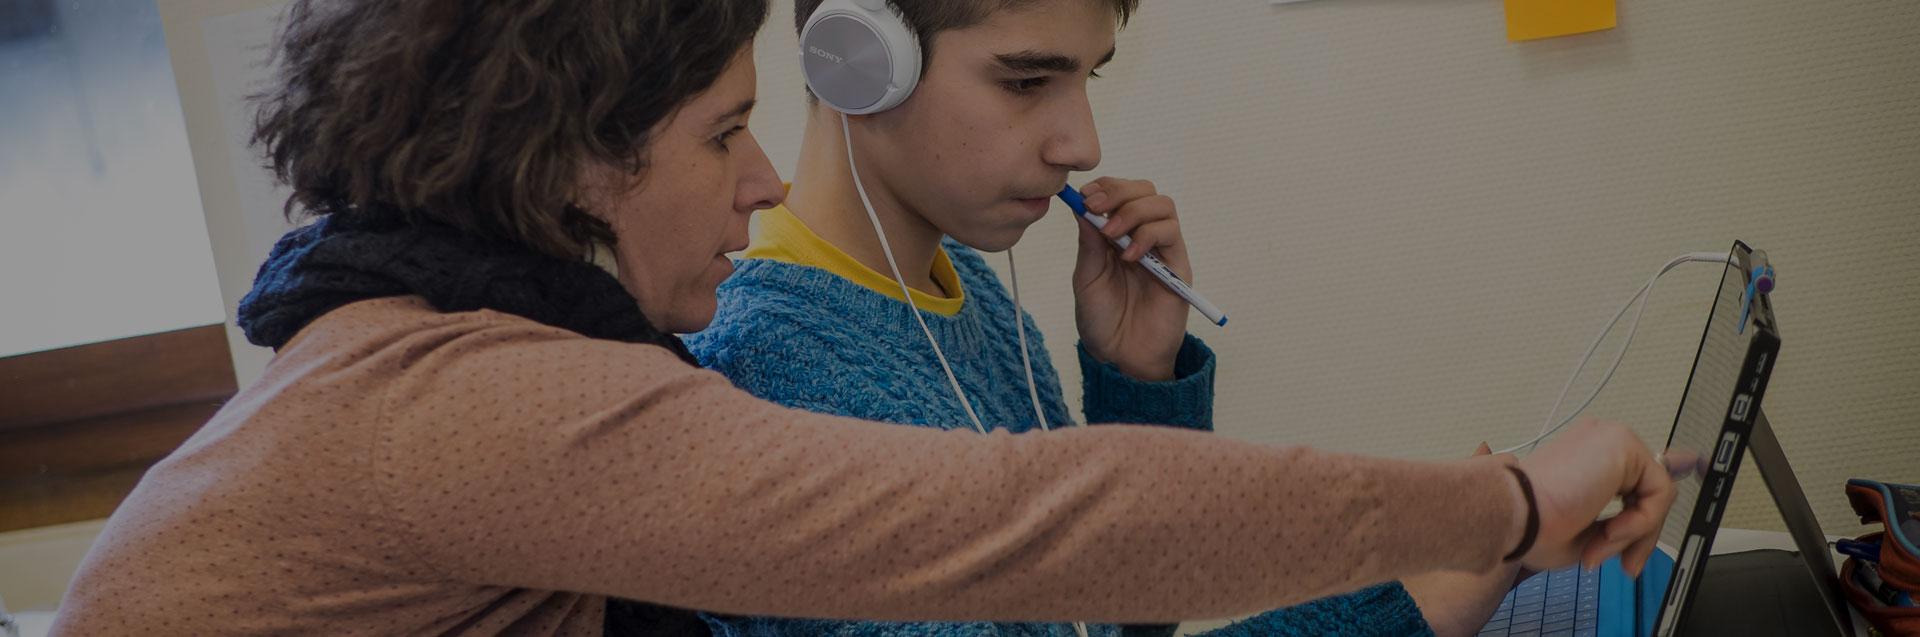 Accueillons les 20% d'enfants avec autisme non-scolarisés en France